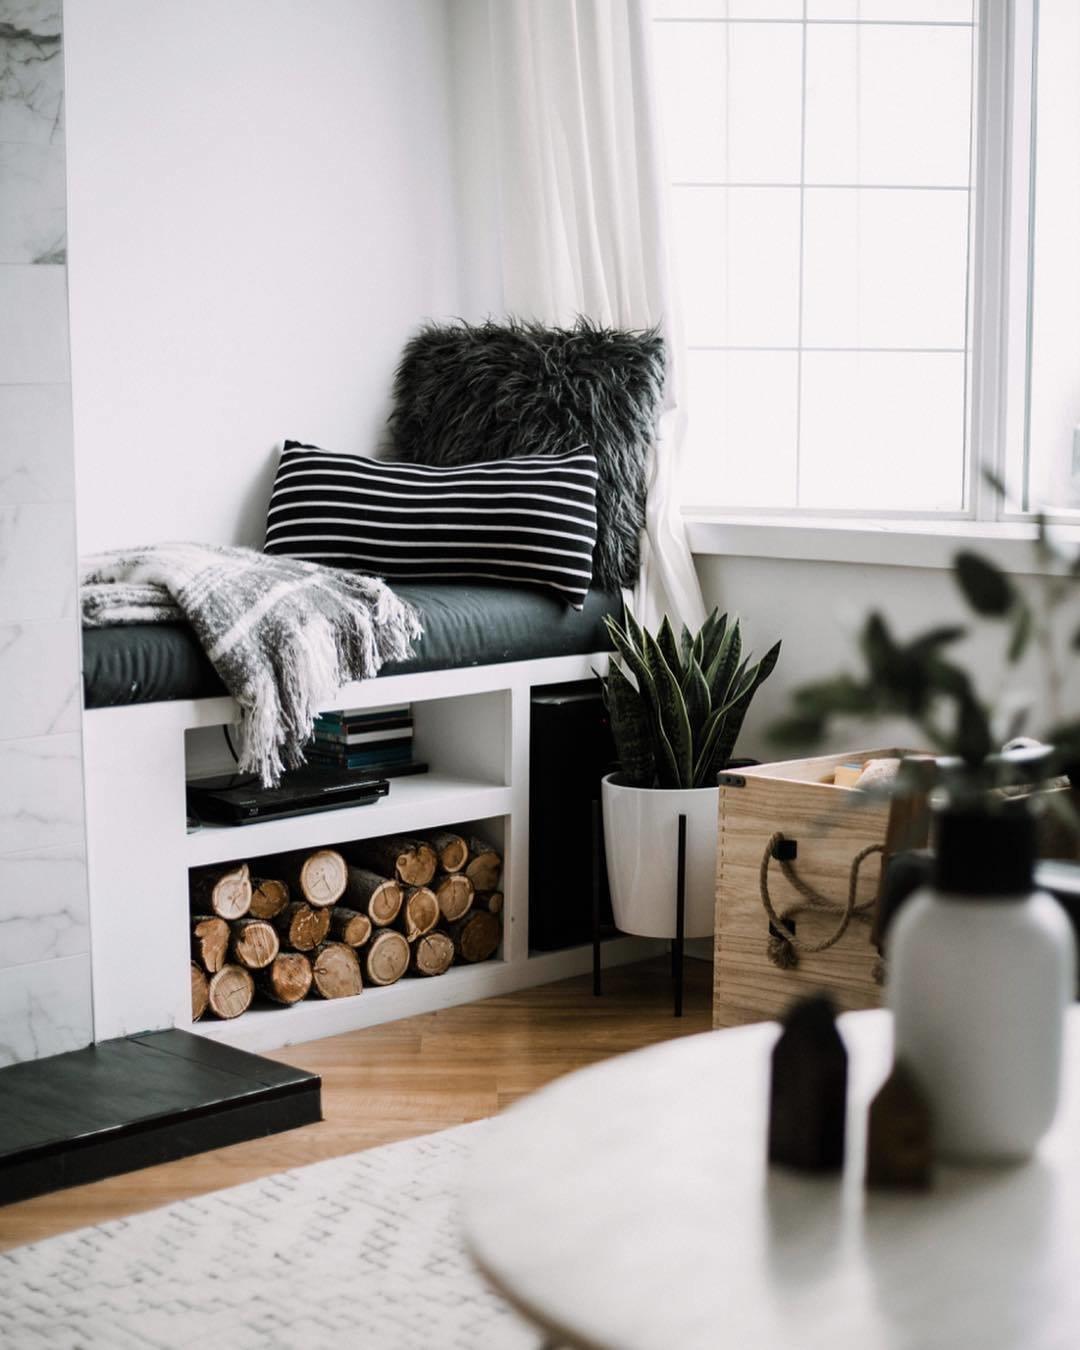 Lindi Vanderschaaf renovated living room